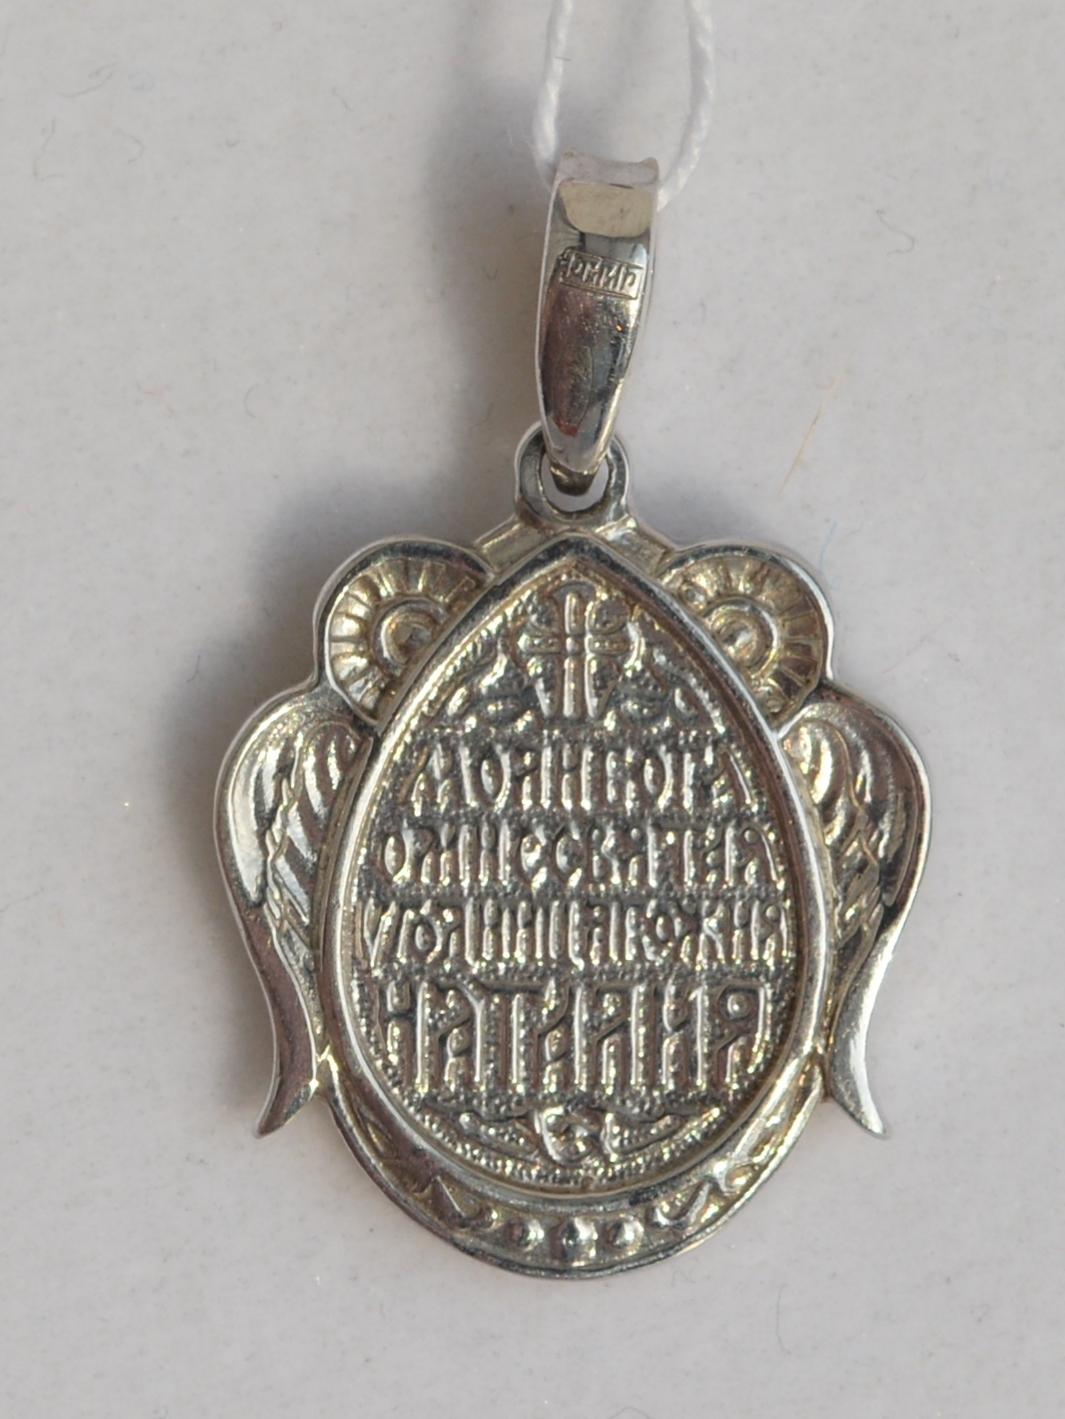 Именная Икона - Наталия (кулон с барельефом из серебра)